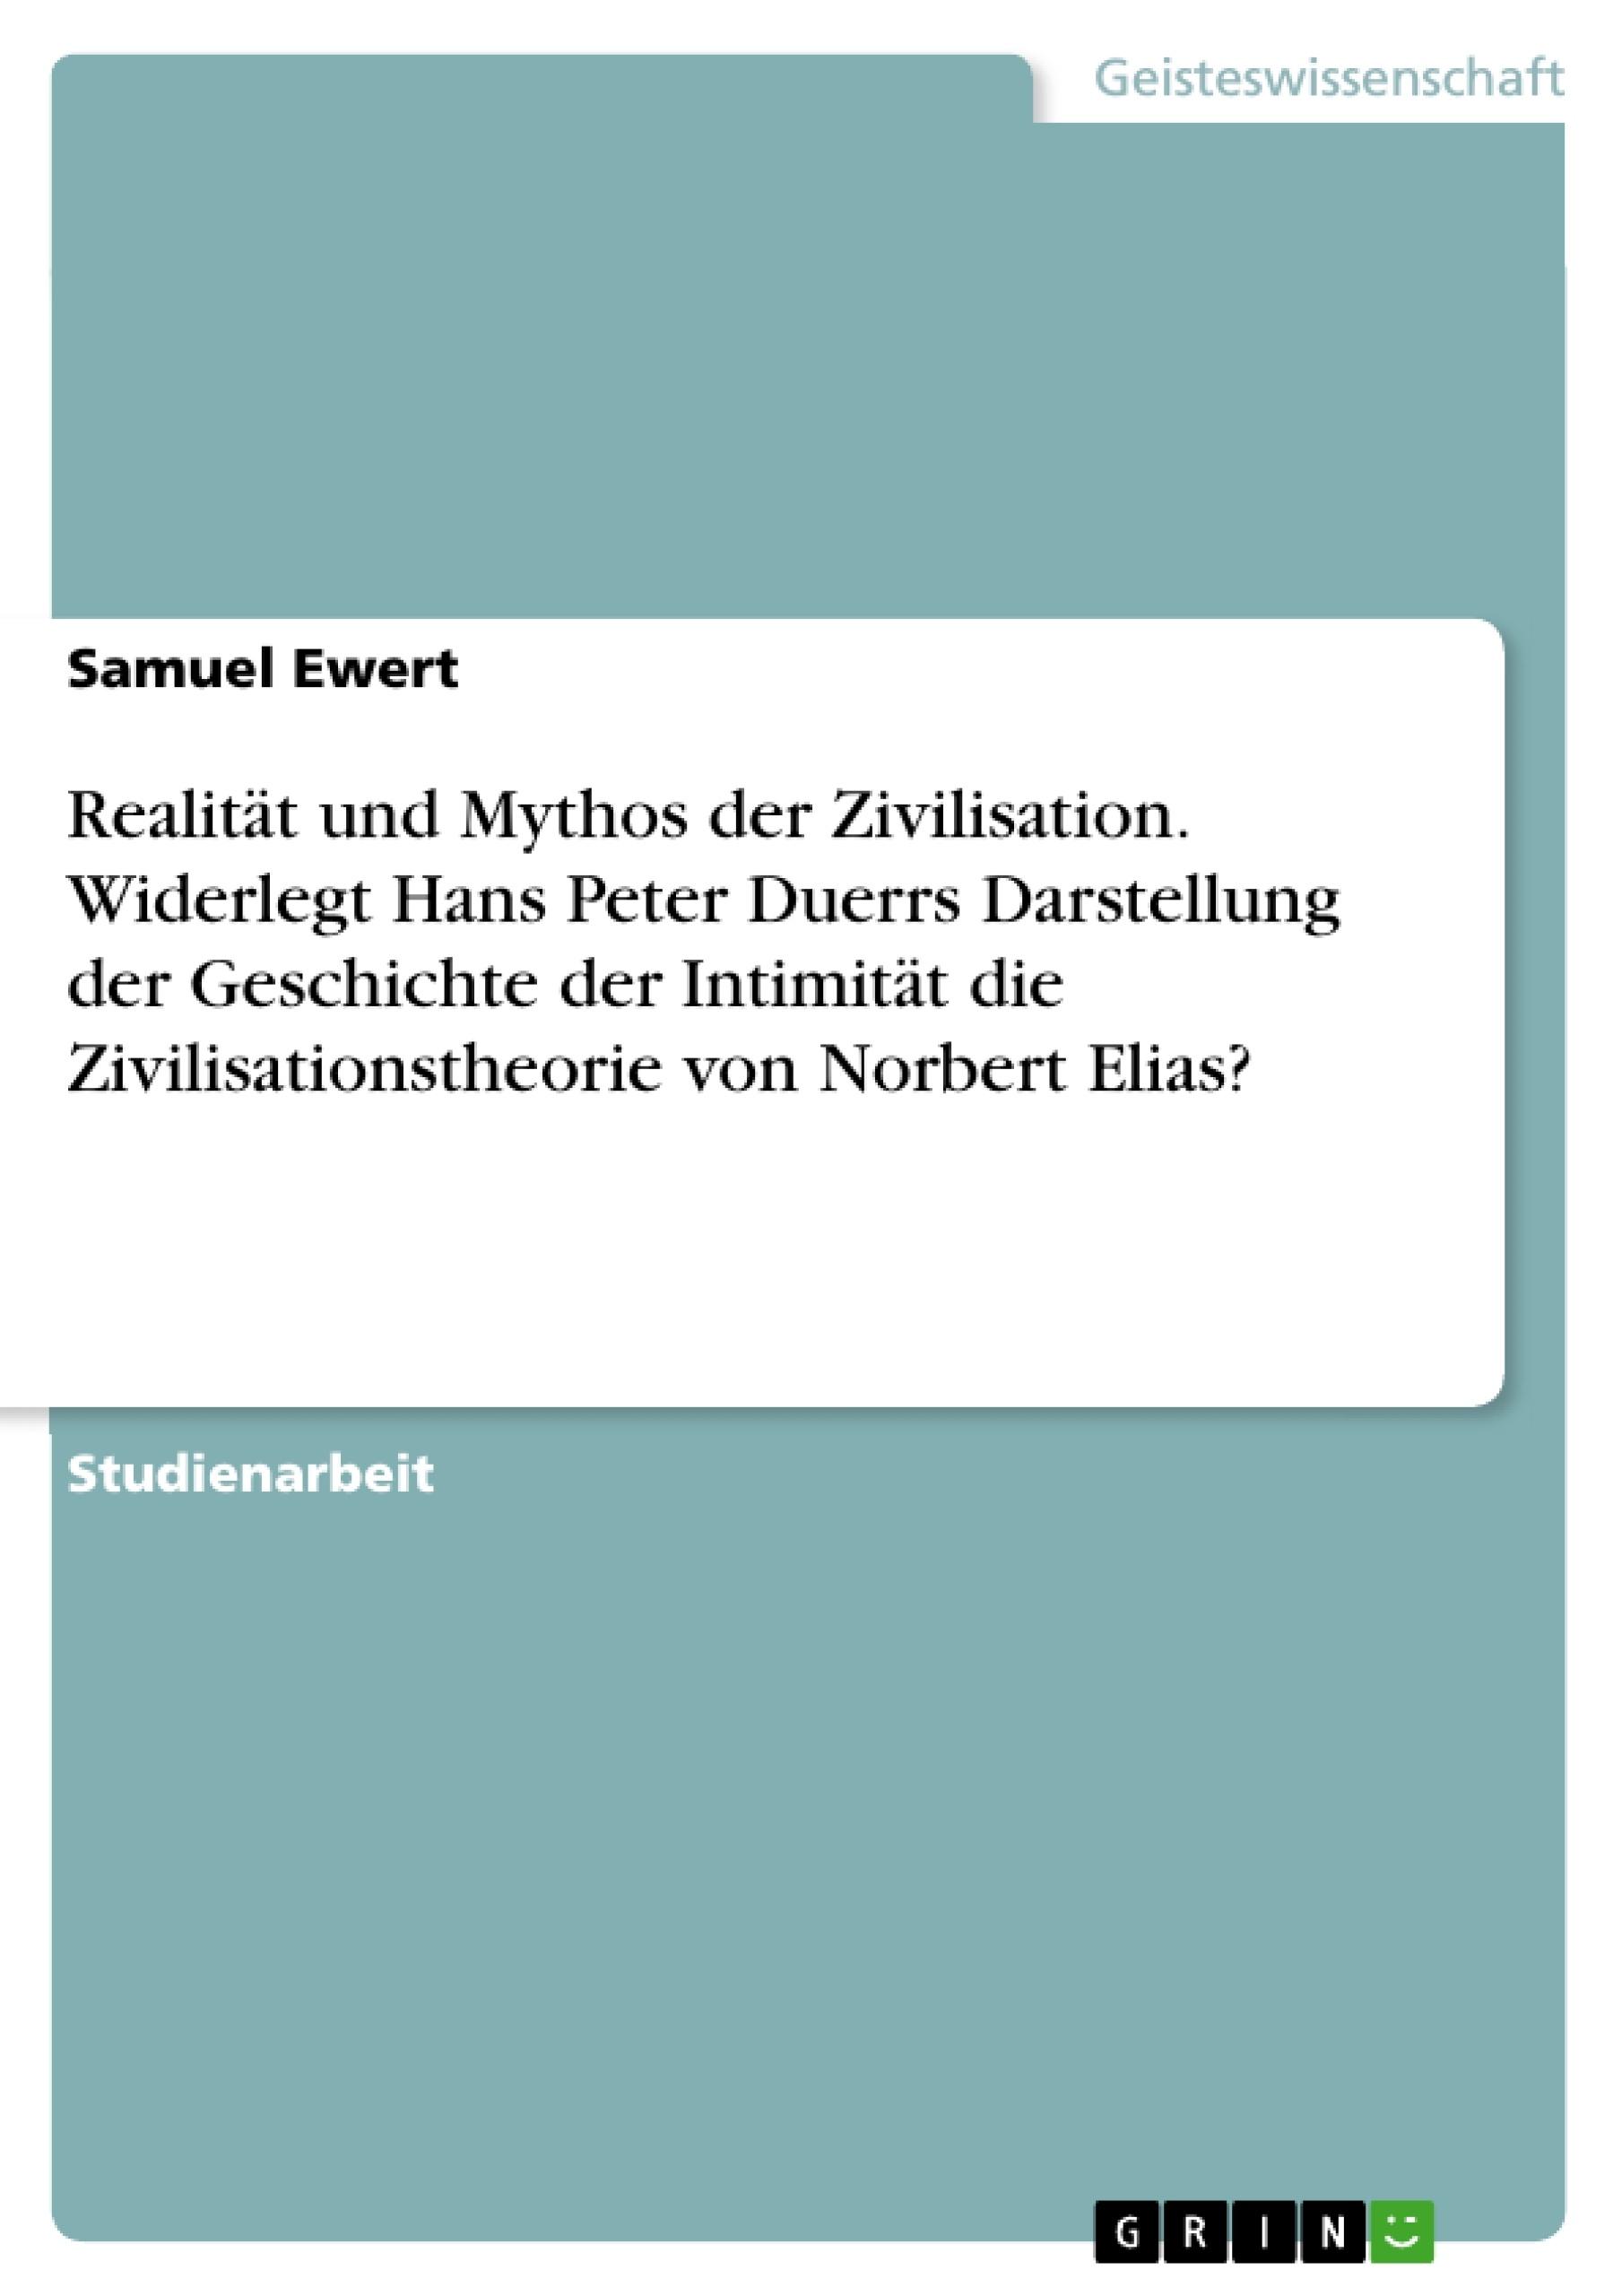 Titel: Realität und Mythos der Zivilisation. Widerlegt Hans Peter Duerrs Darstellung der Geschichte der Intimität die Zivilisationstheorie von Norbert Elias?